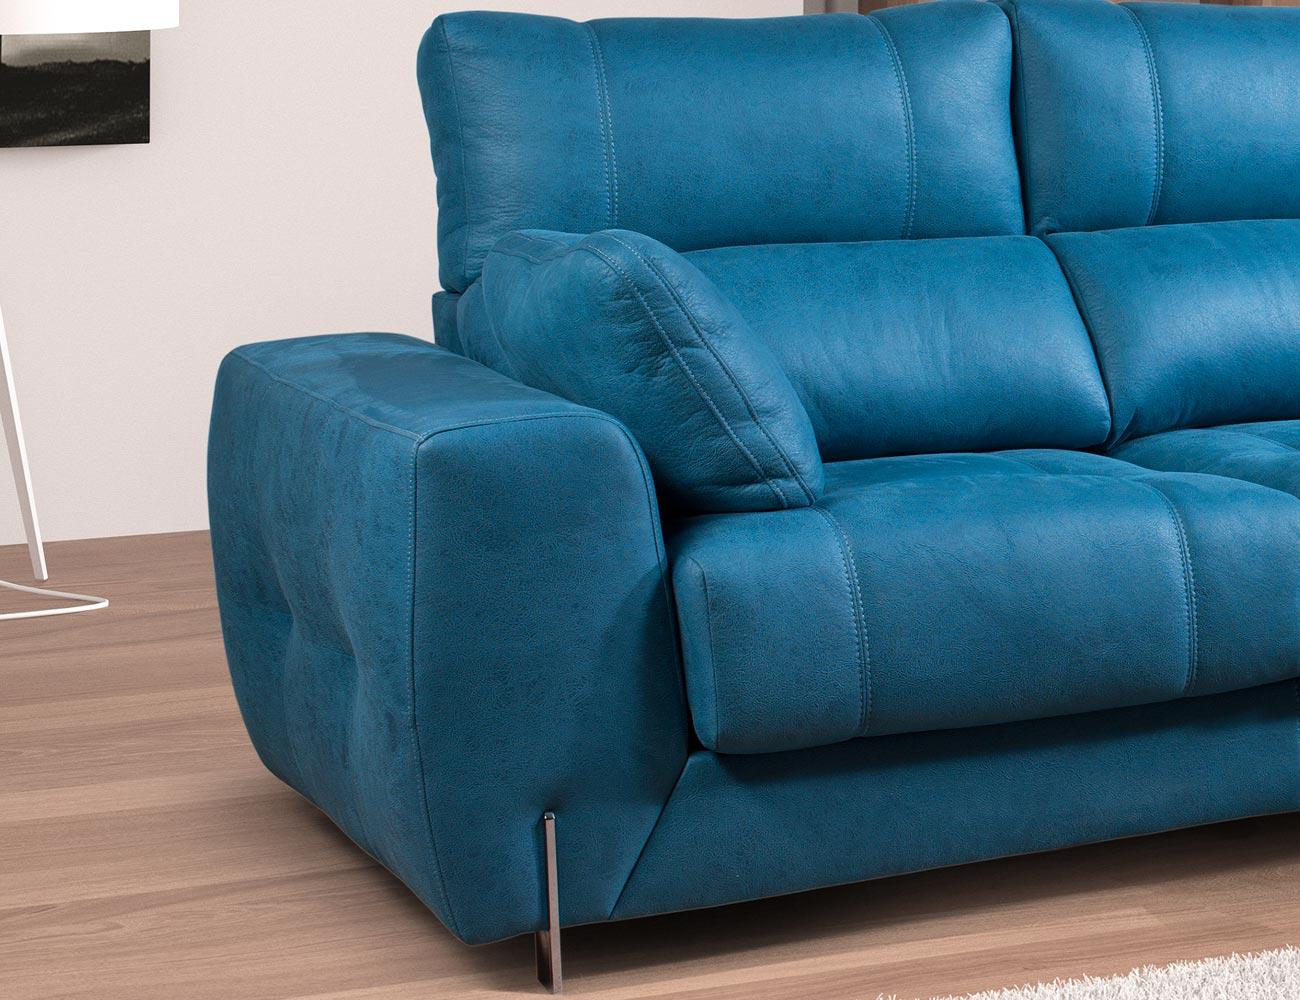 Sofa chaiselongue moderno exclusivo detalle 2